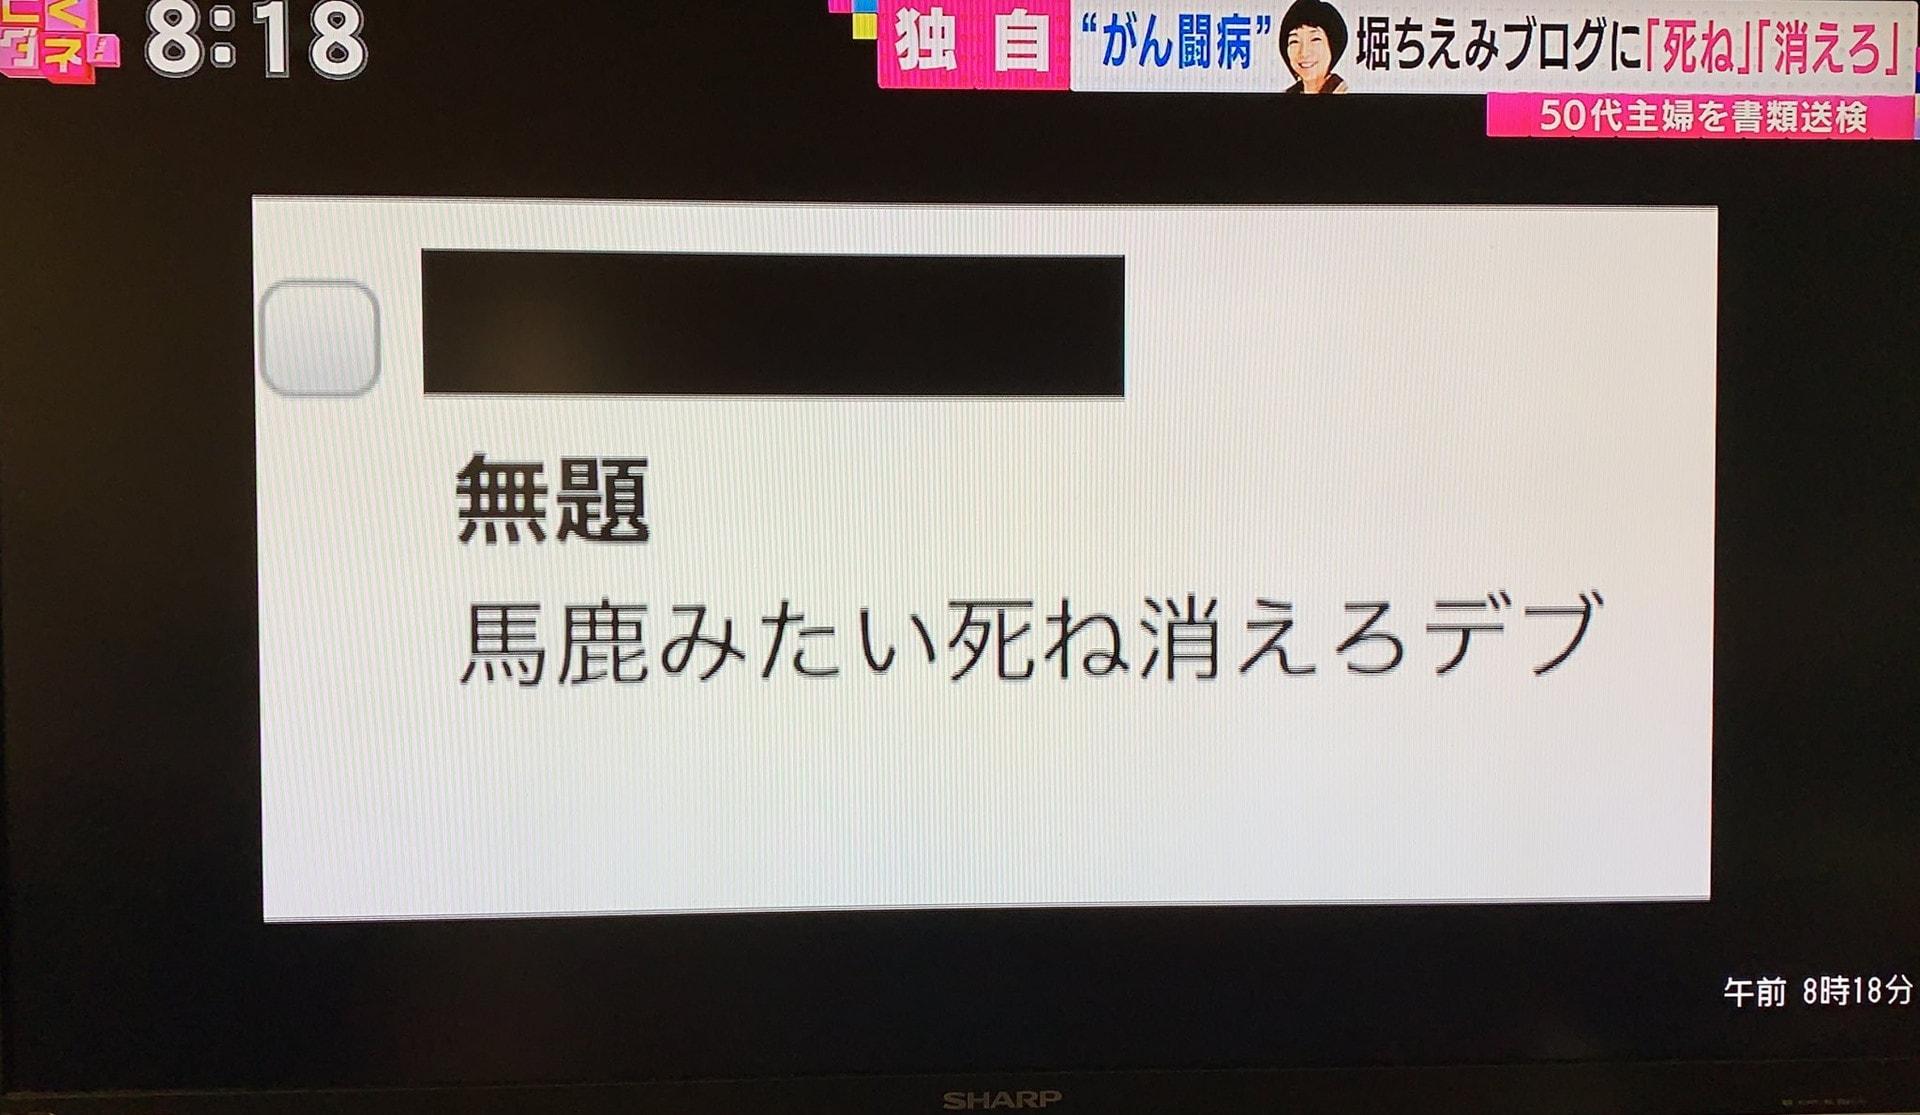 「 堀ちえみ ブログ 逮捕」の画像検索結果